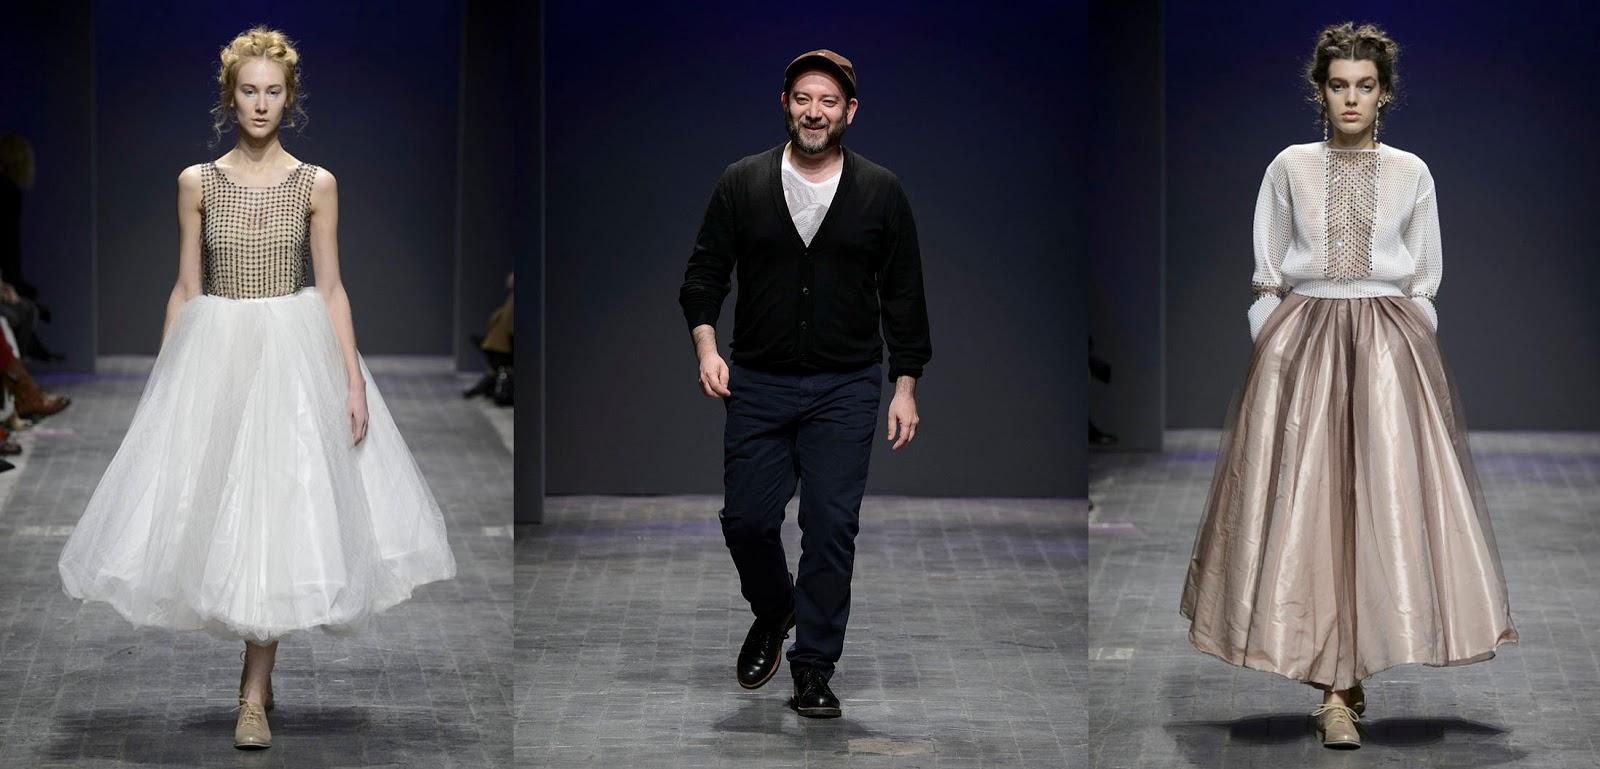 Eniwhere Fashion - Luigi Borbone - Spring Summer 2016